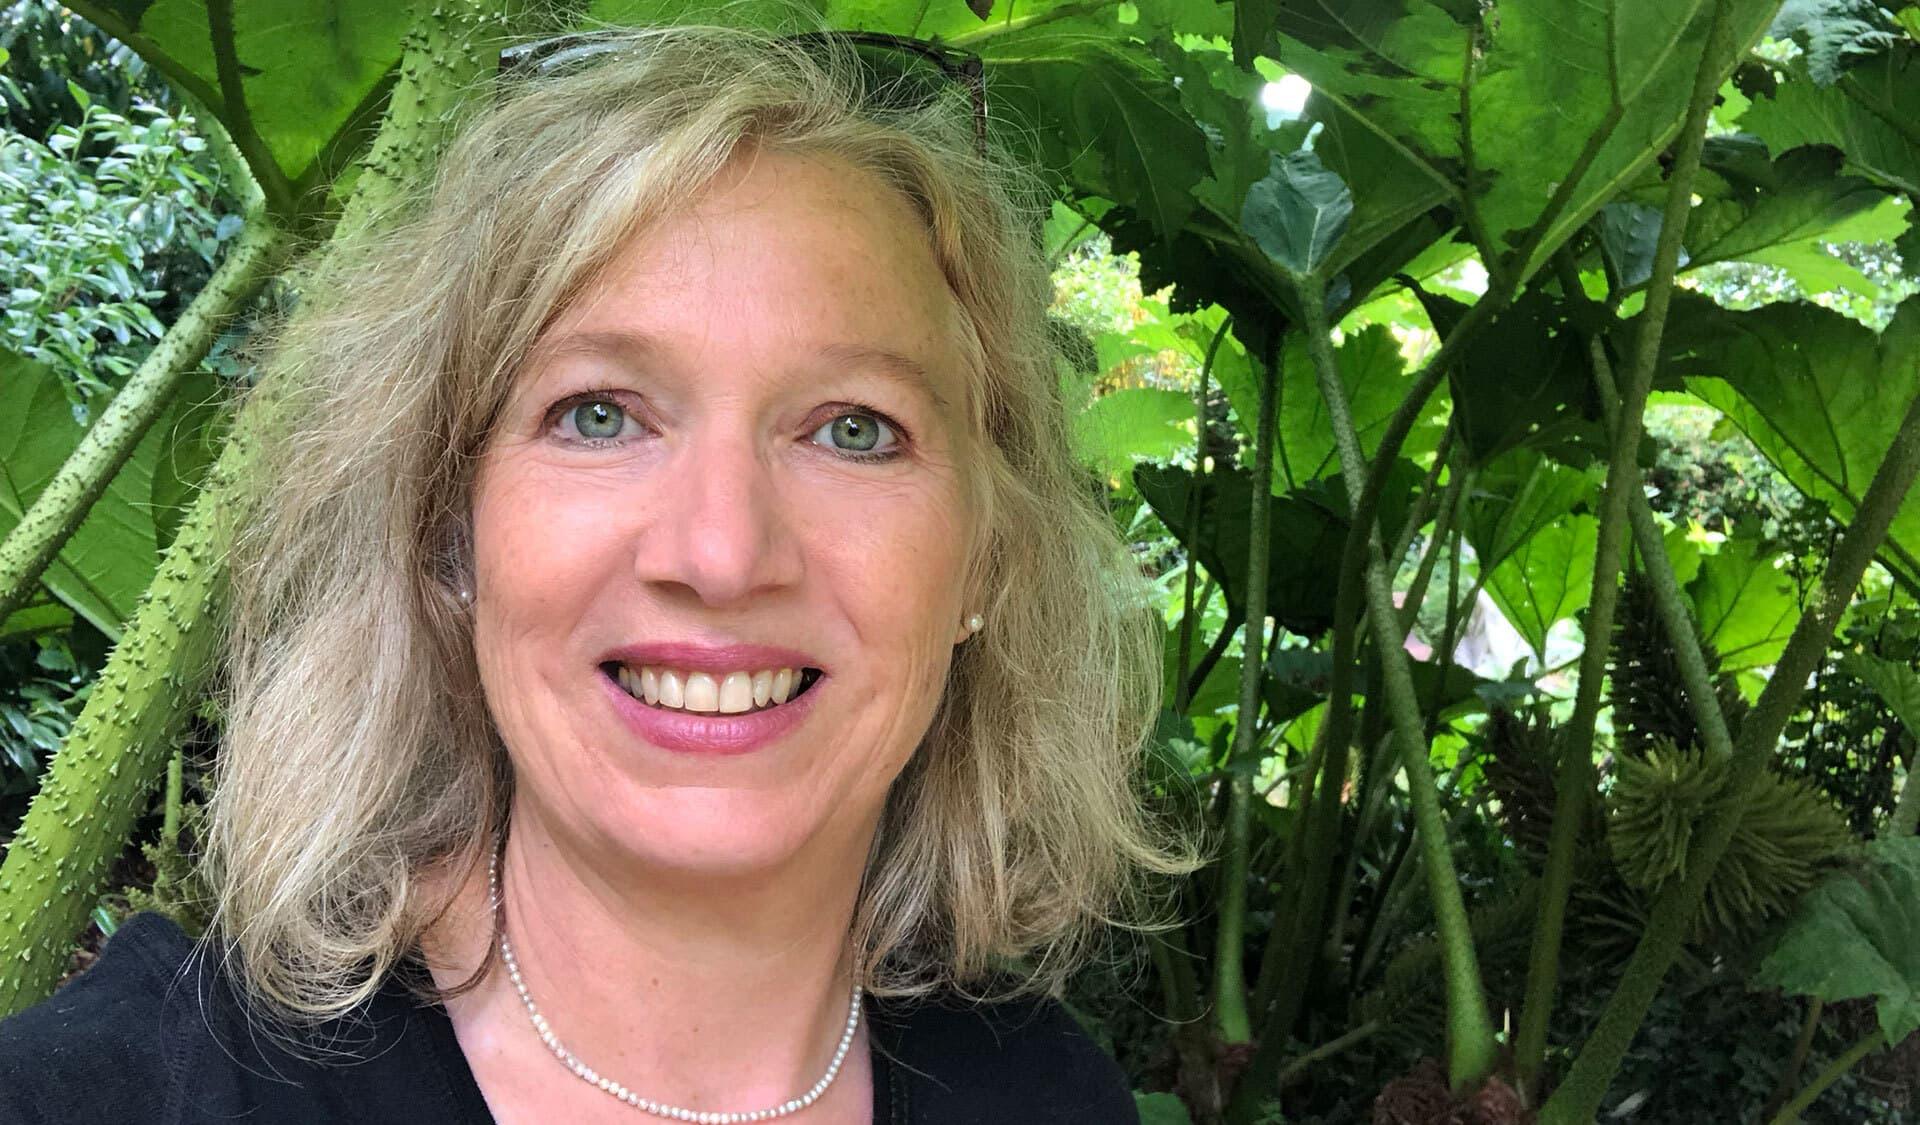 Porträt von Eliane Zimmermann vor einer grünen Pflanzenwand.